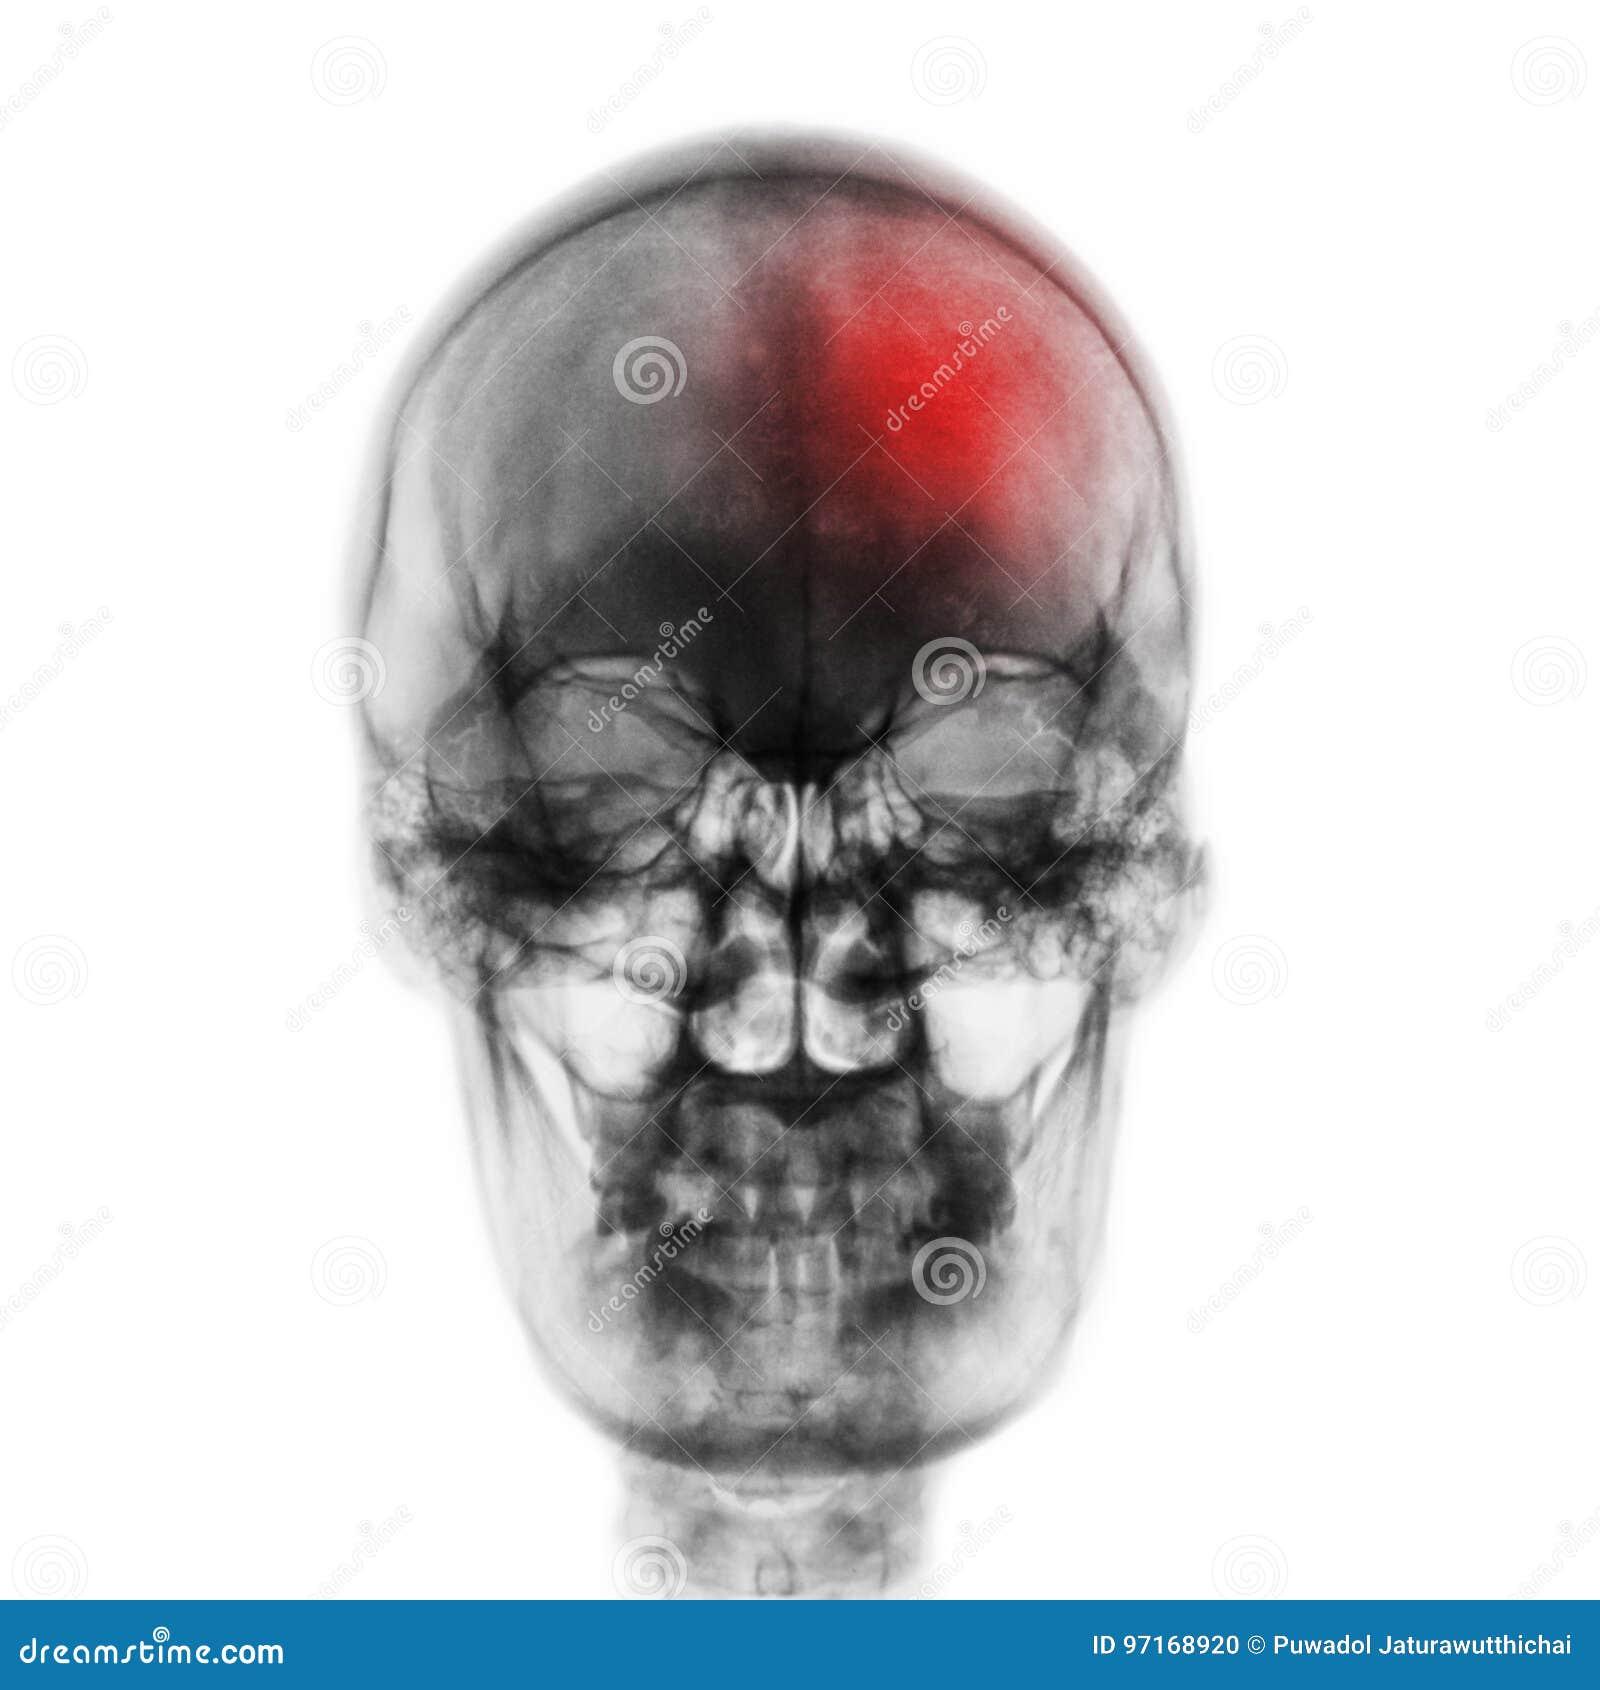 Uderzenie & x28; Cerebrovascular wypadek & x29; Ekranowa promieniowanie rentgenowskie czaszka istota ludzka z czerwonym terenem F